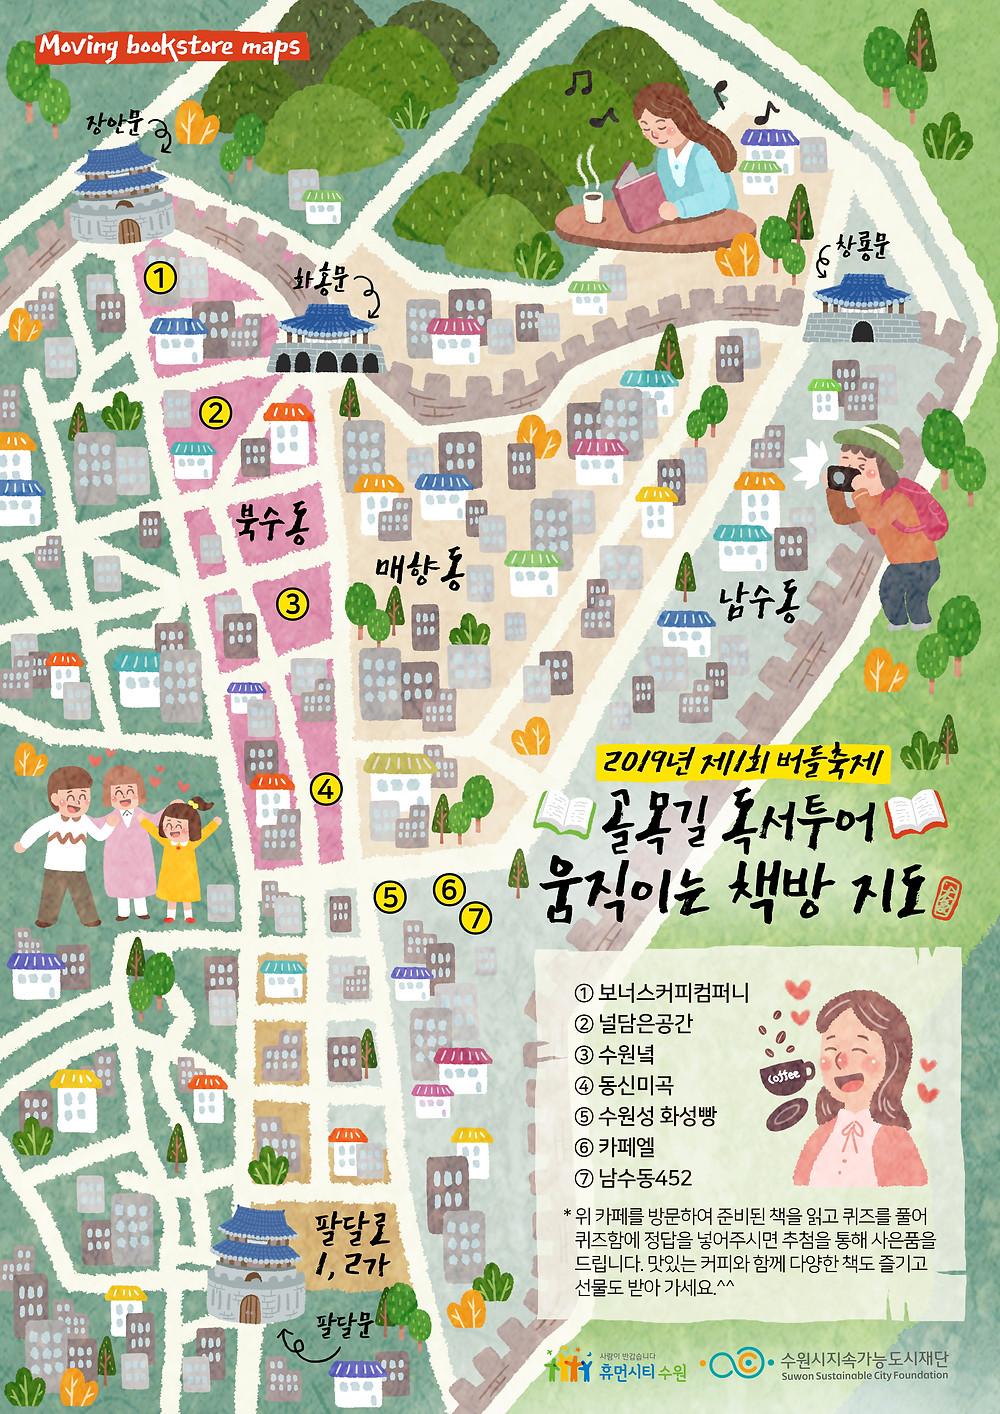 2019년 제1회 버들축제 골목길 독서투어 움직이는 책방 지도 - 02 수원 홍보물 디자인